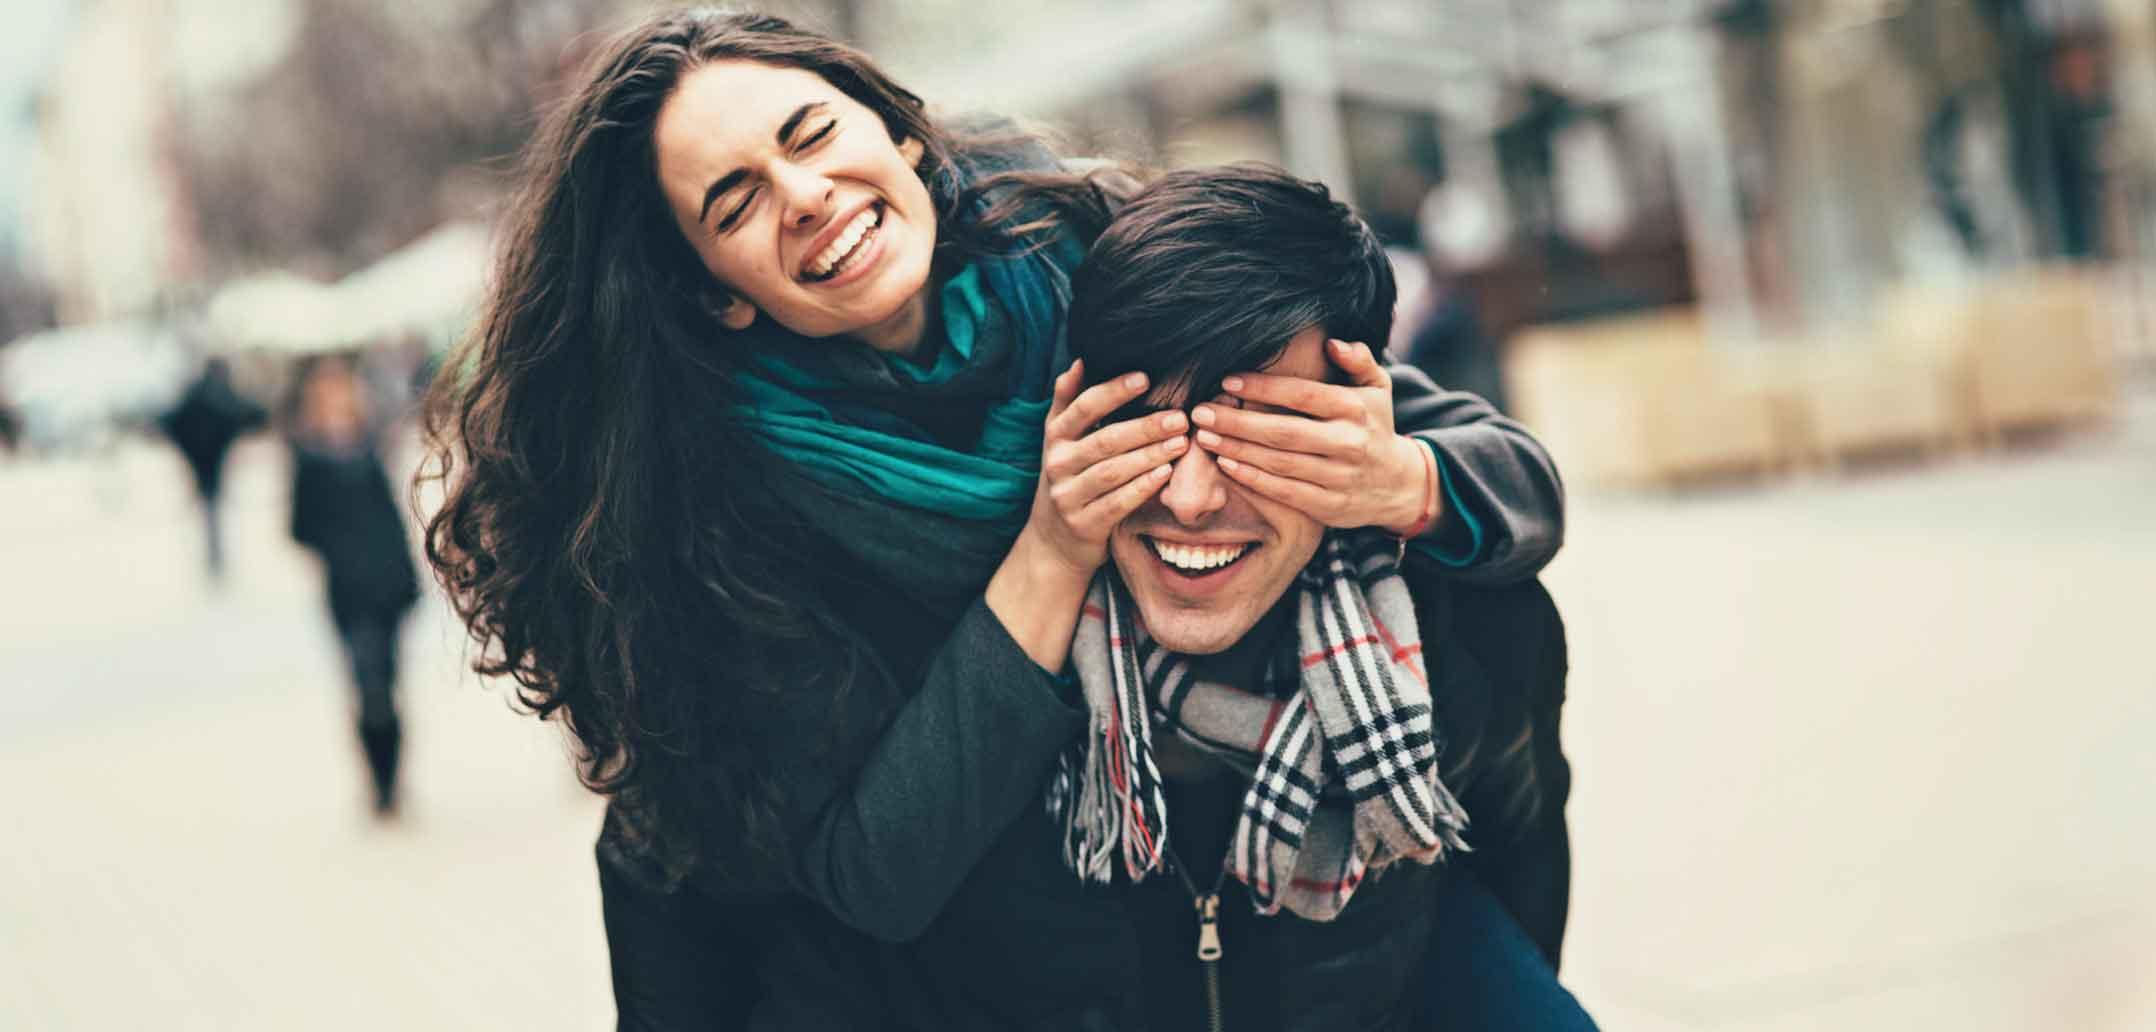 Ganz und zu Extrem 22 romantische Überraschungen | beziehungsweise &DH_48